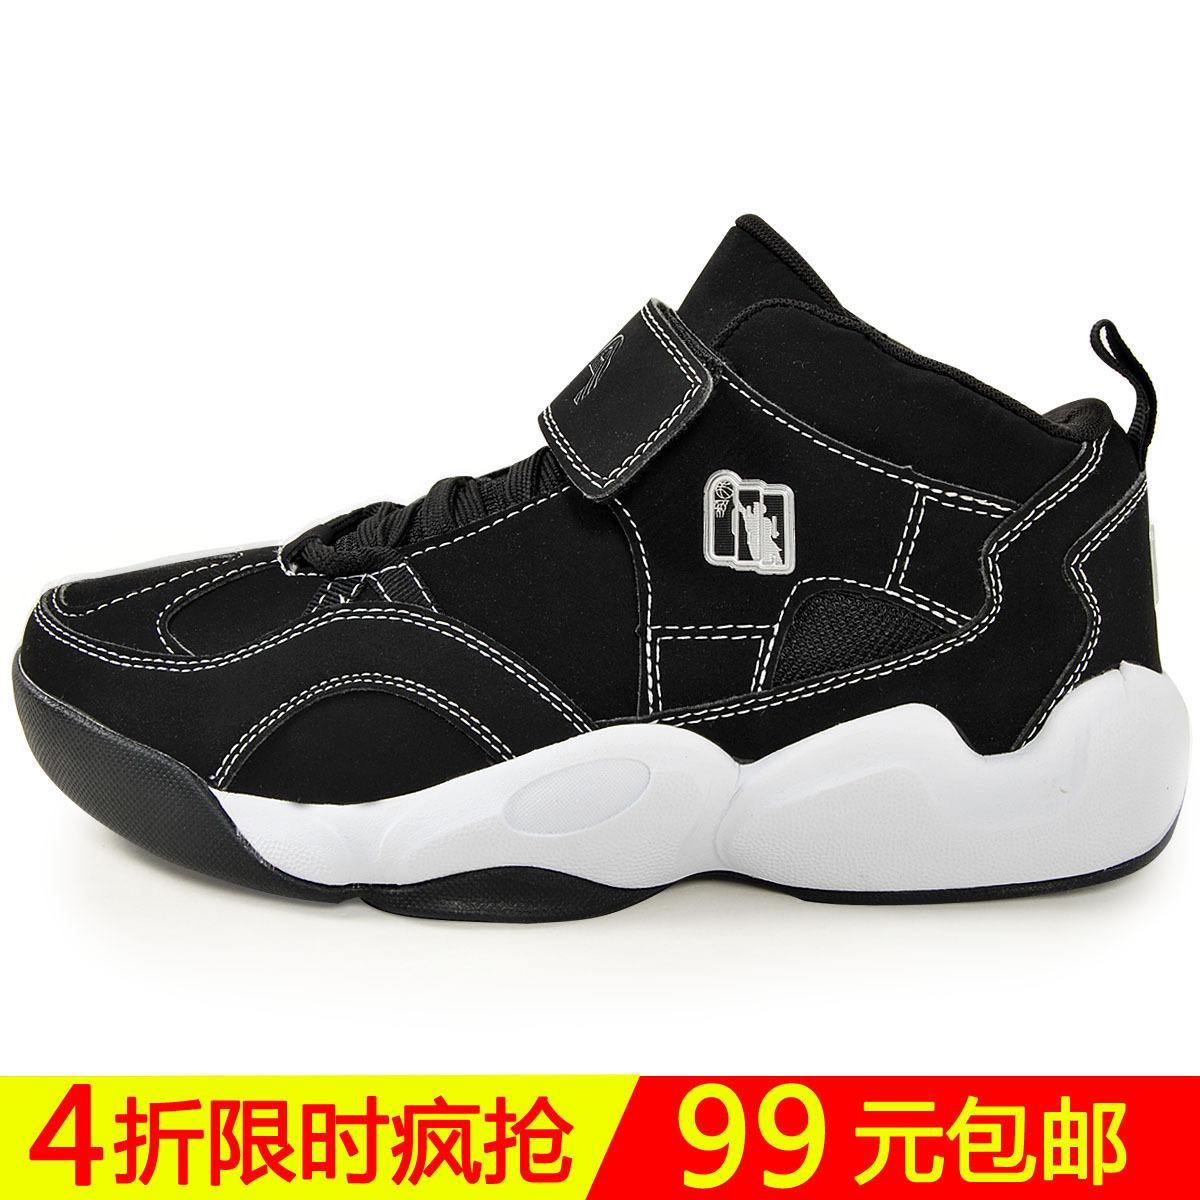 баскетбольные кроссовки CBA 1011446/021 Зима 2011 Мужская Искусственная кожа